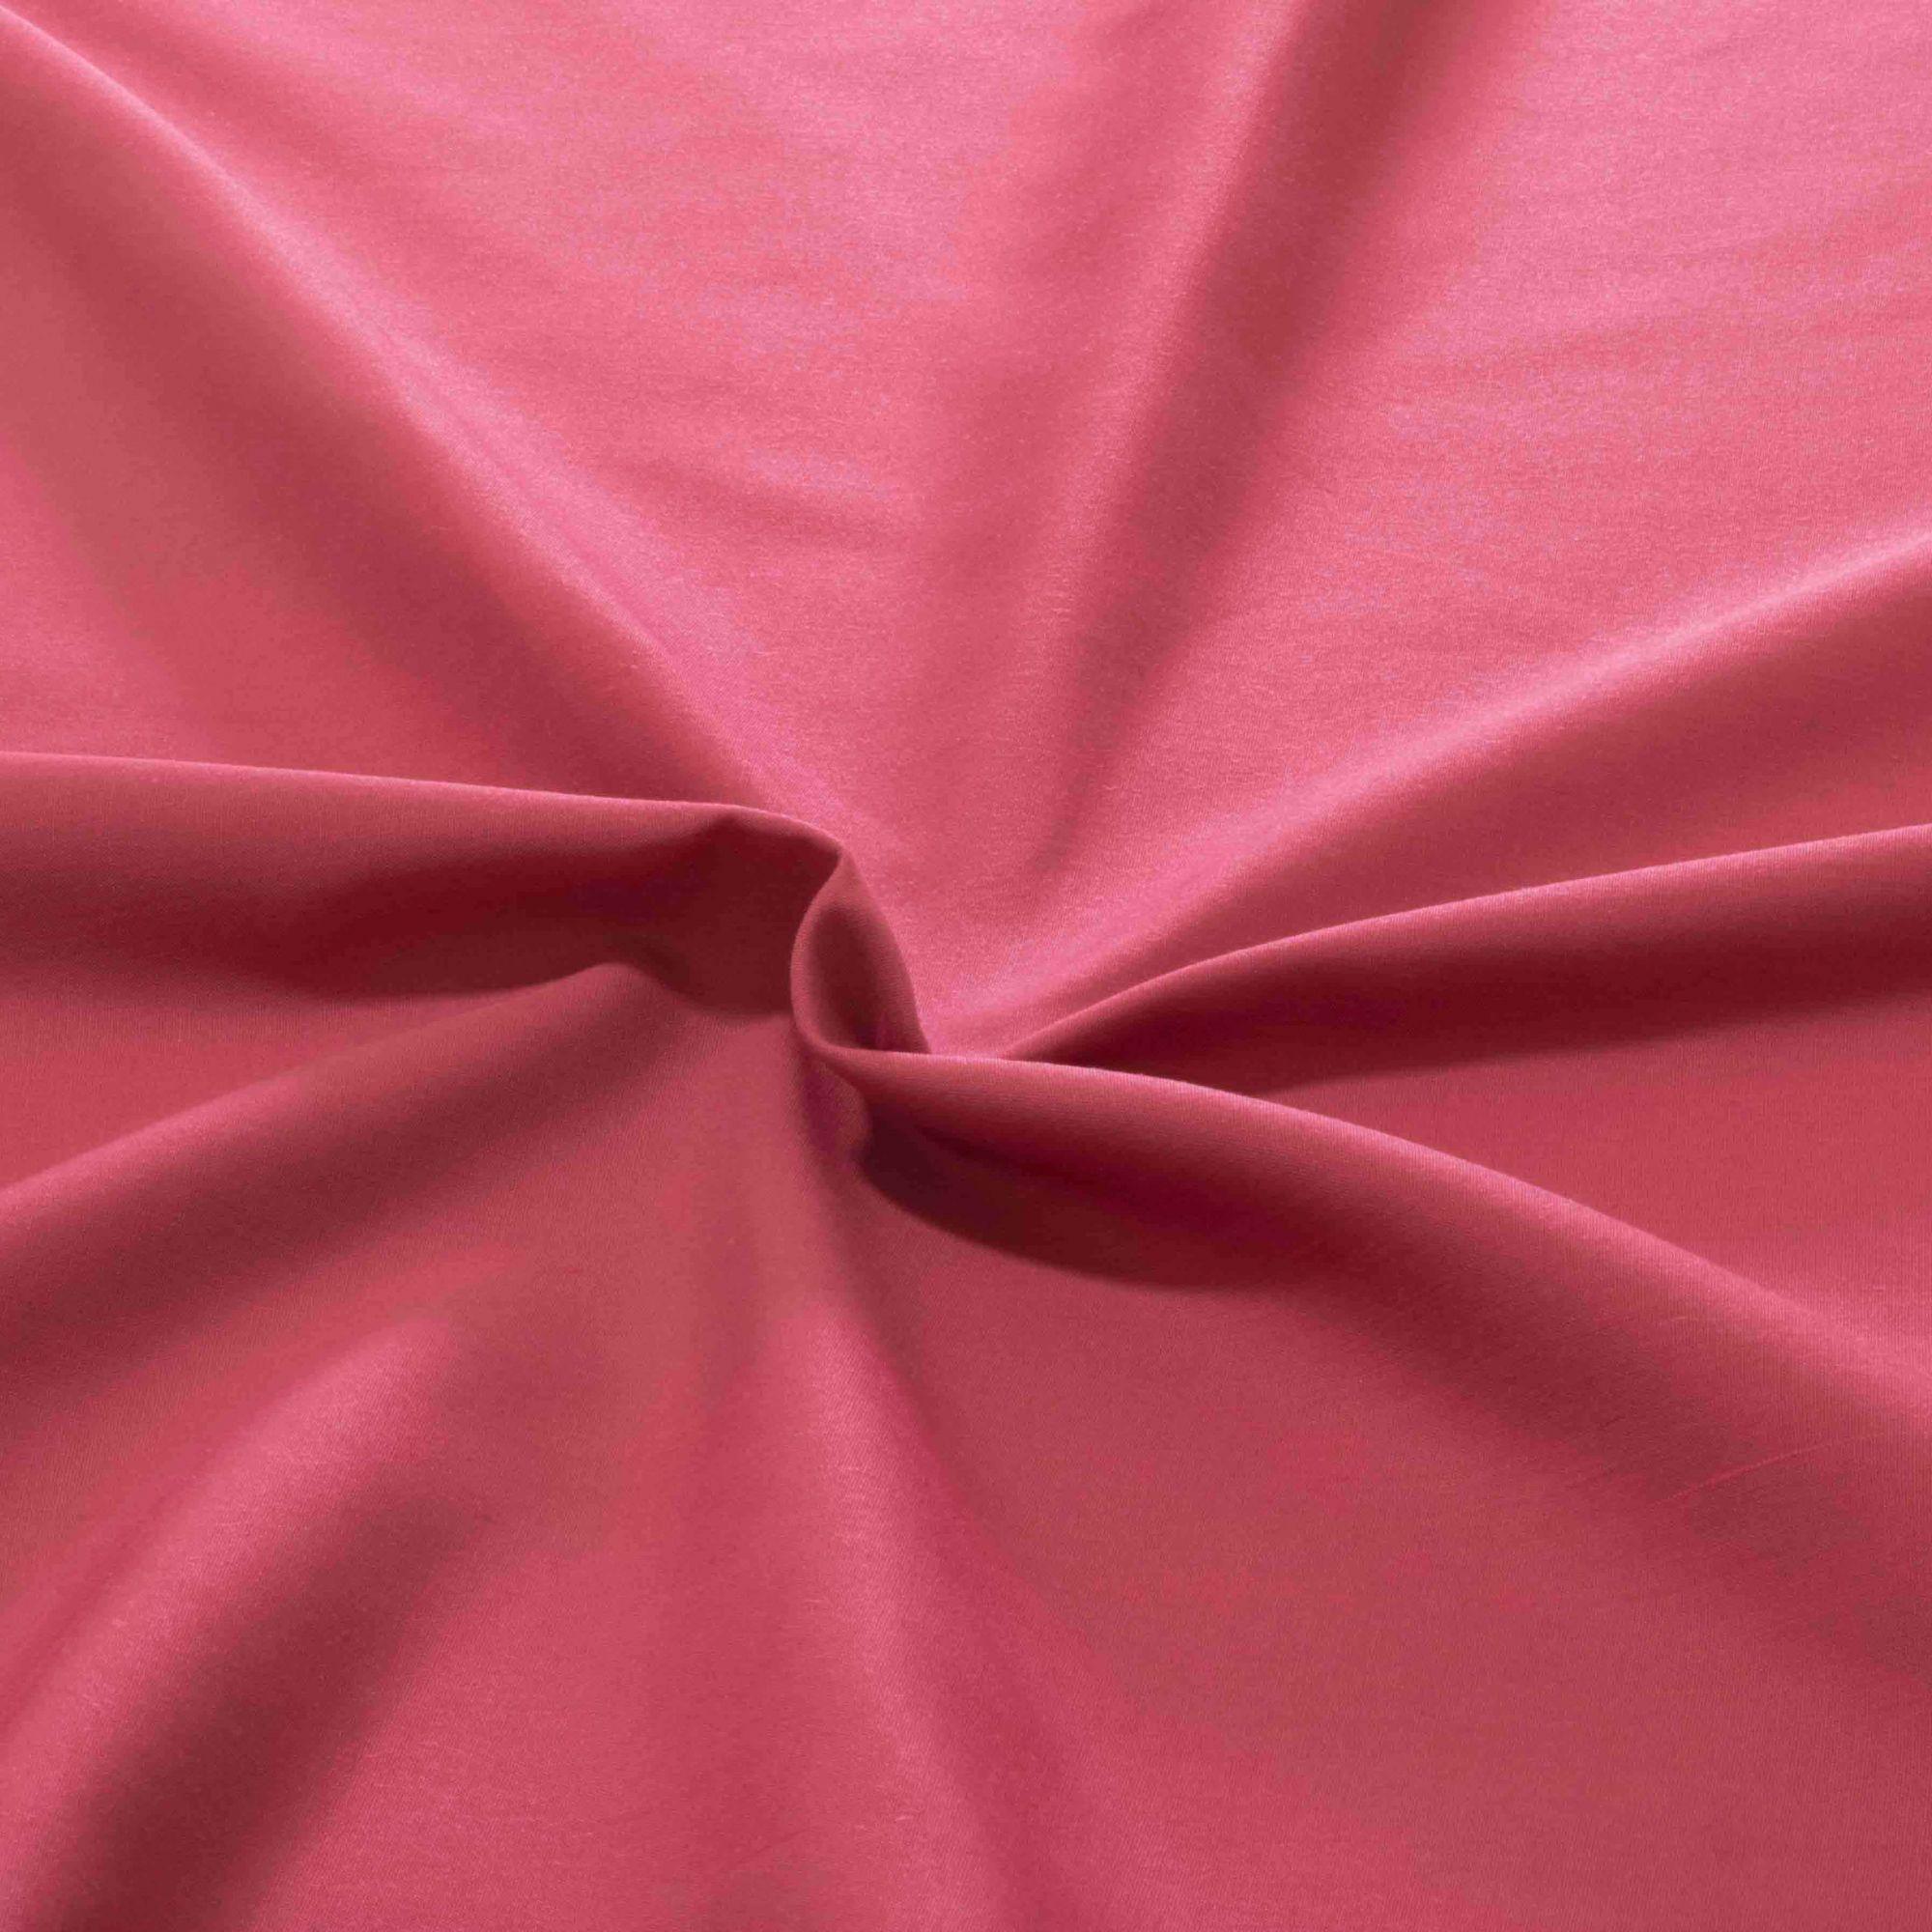 Tecido Tricoline Rosa 65% Algodão 35% Poliester 1,40 m Largura